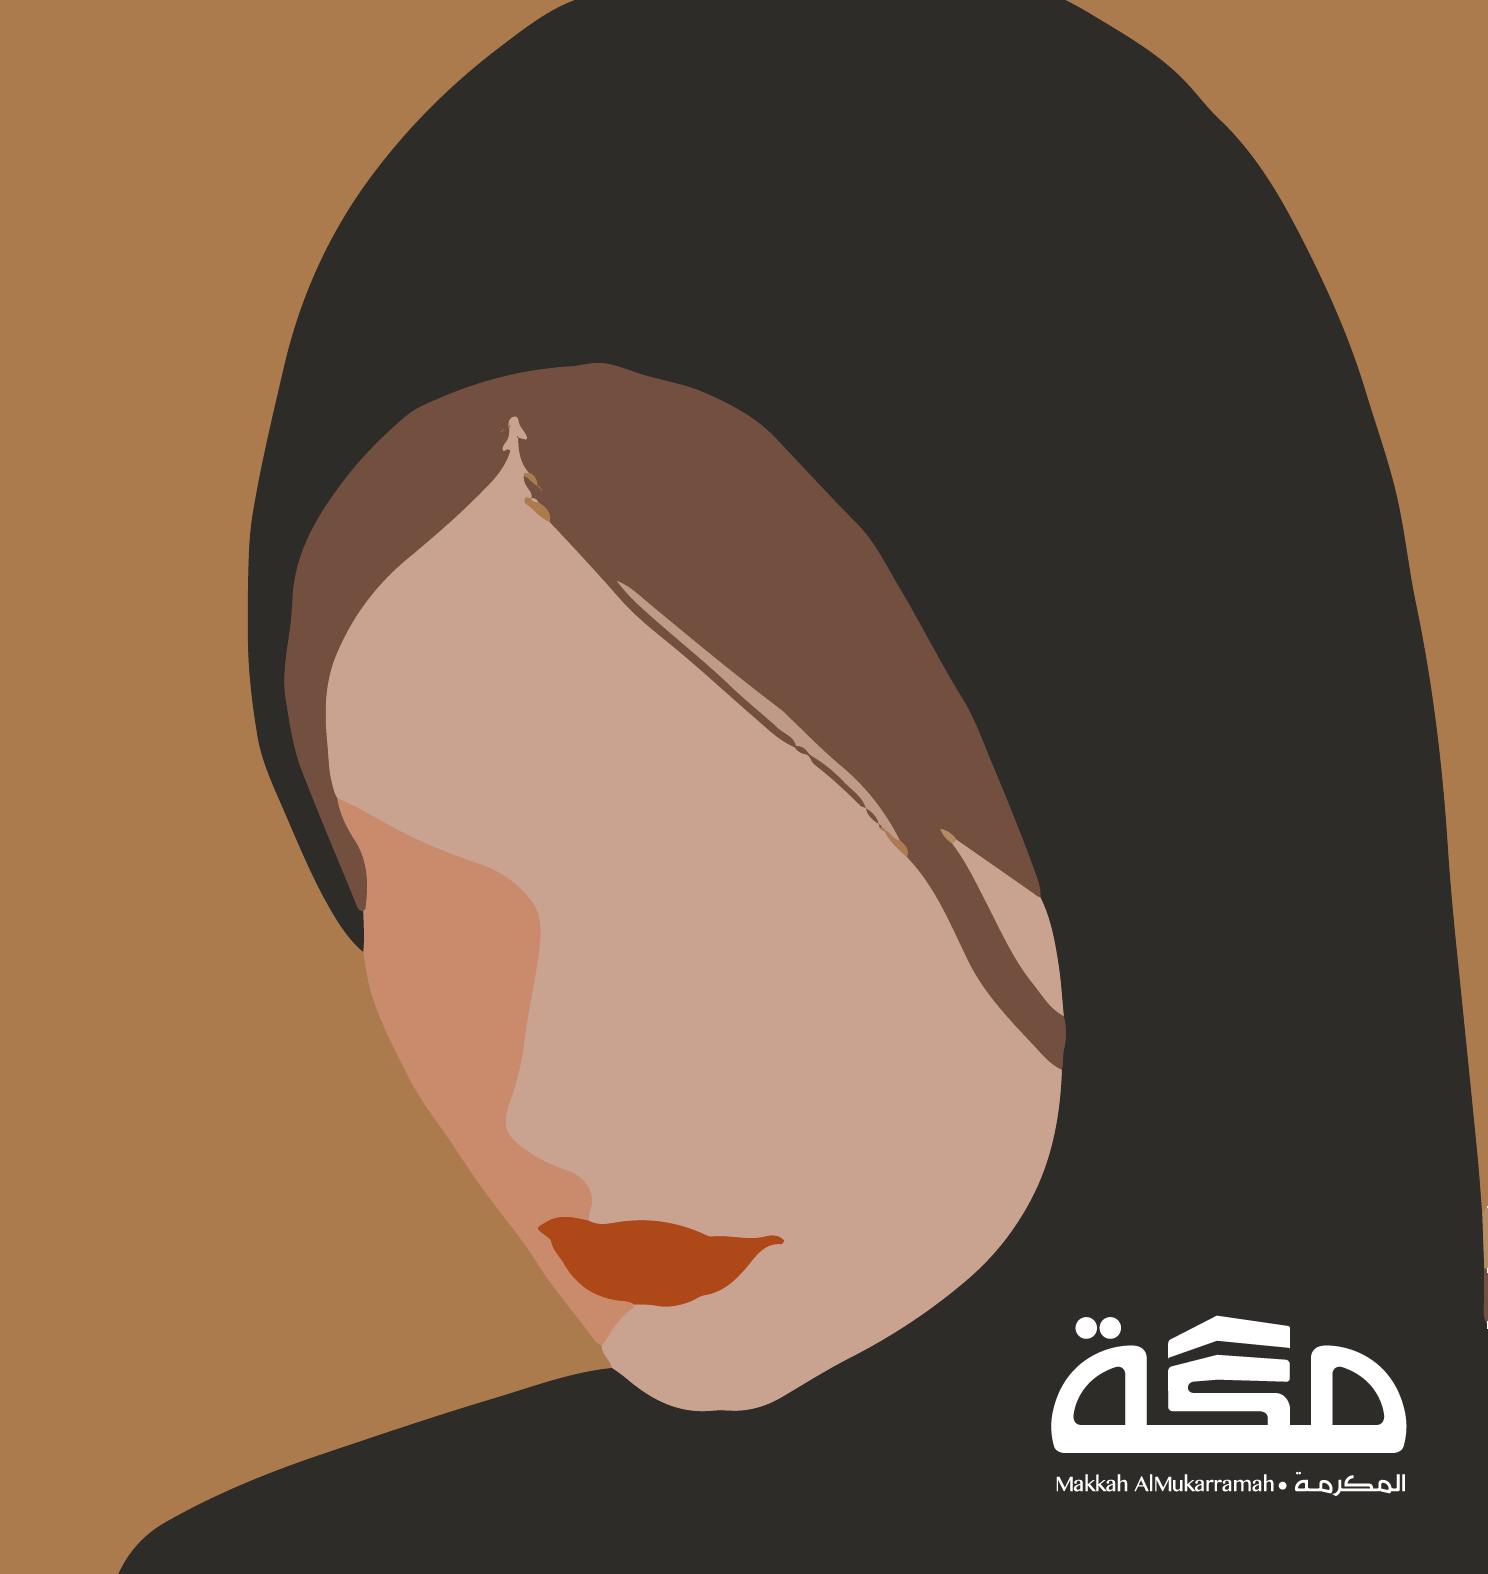 منى عبدالله البيومي